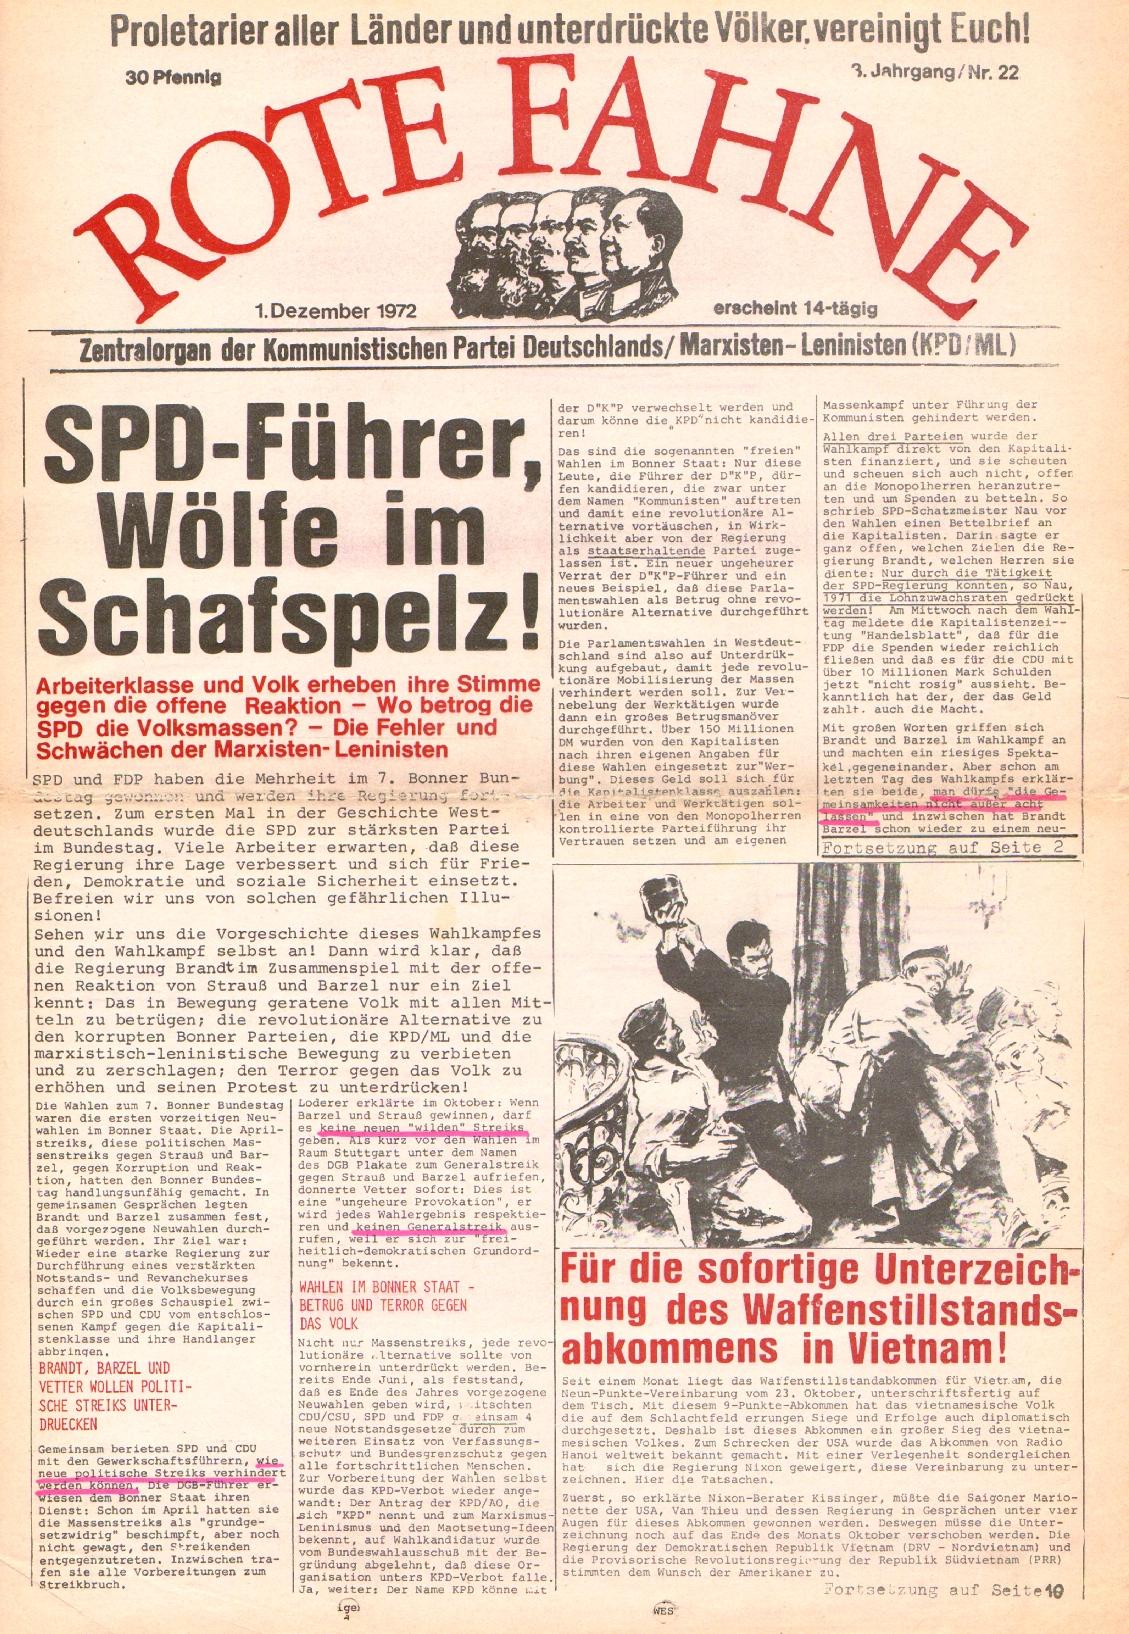 Rote Fahne, 3. Jg., 1.12.1972, Nr. 22, Seite 1